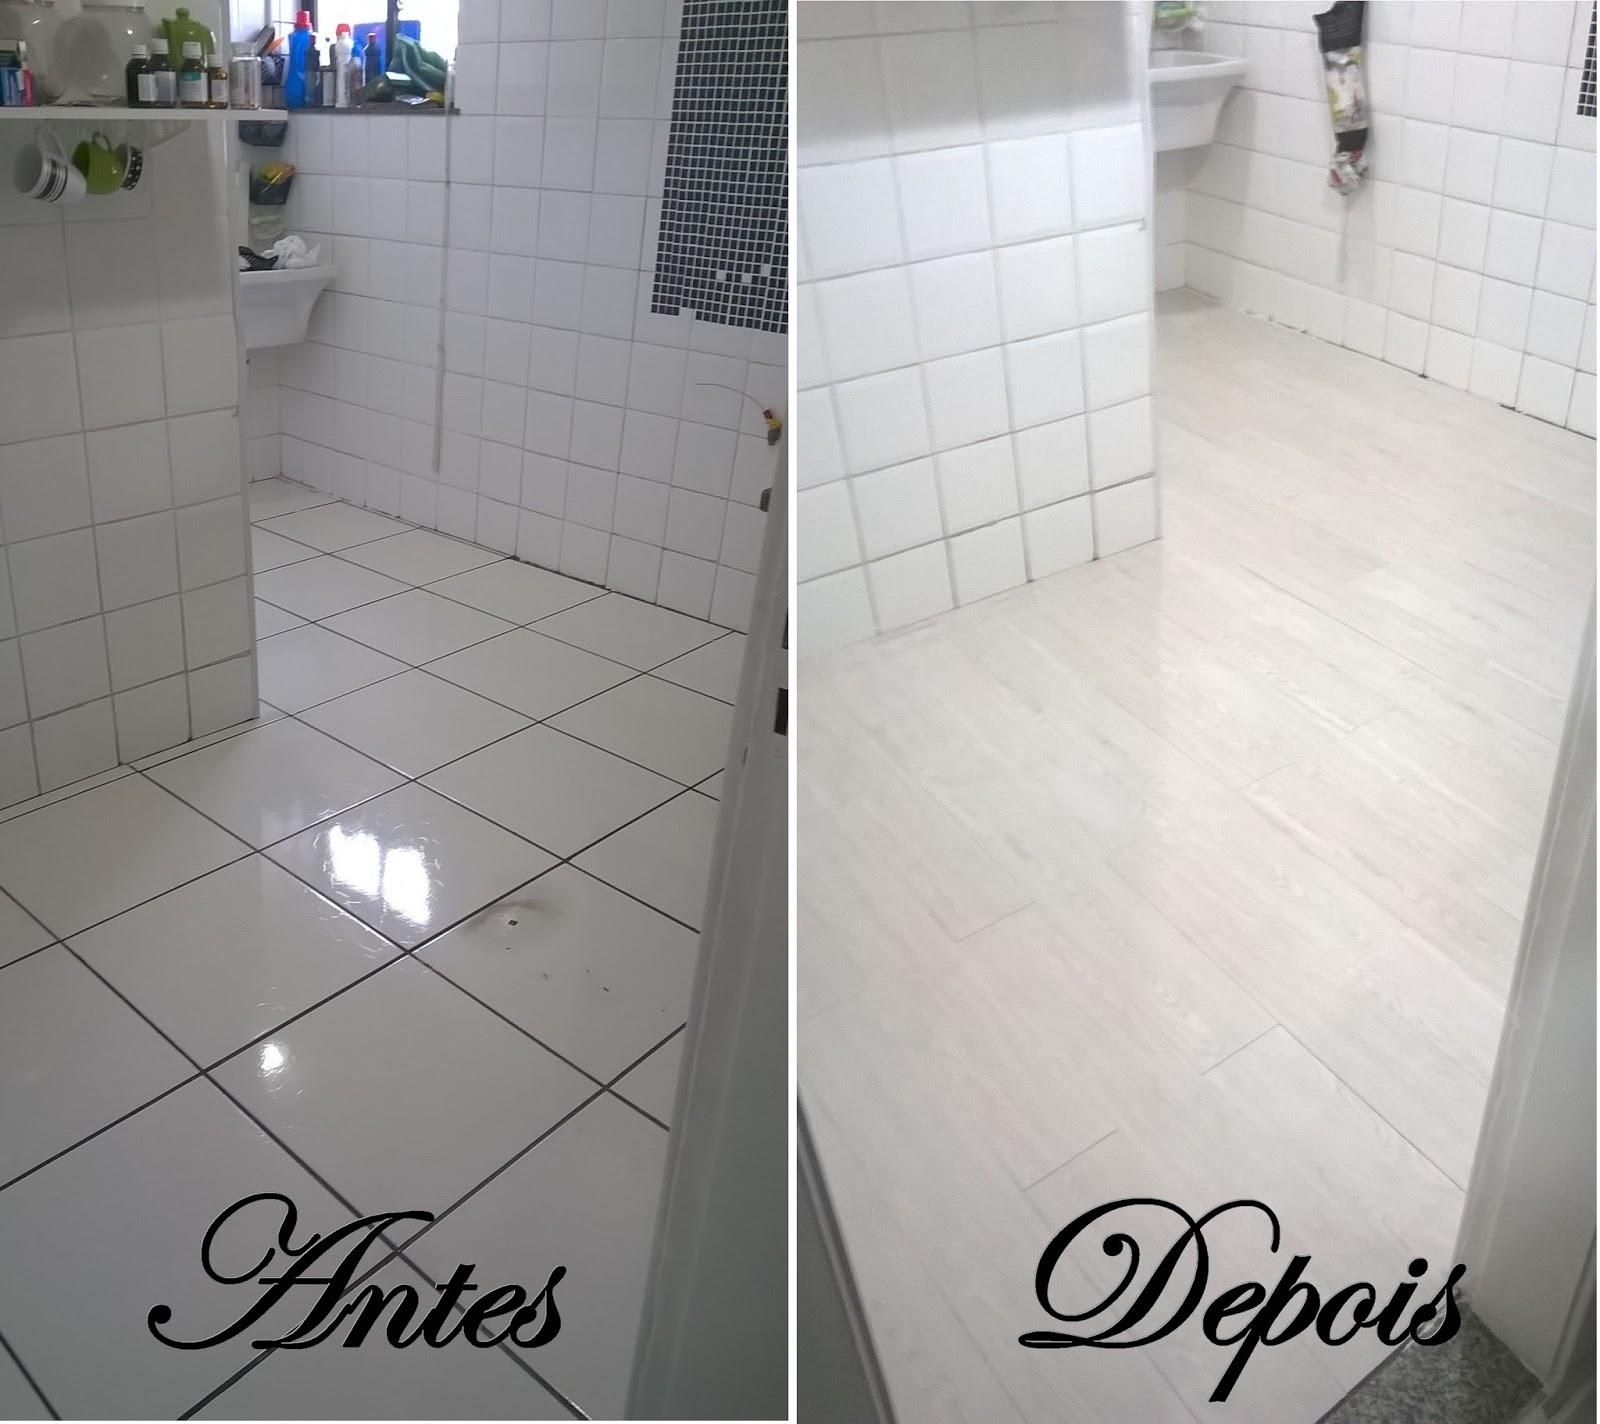 Renata costa ateli piso de vinil na cozinha - Piso vinilico sobre ceramica ...